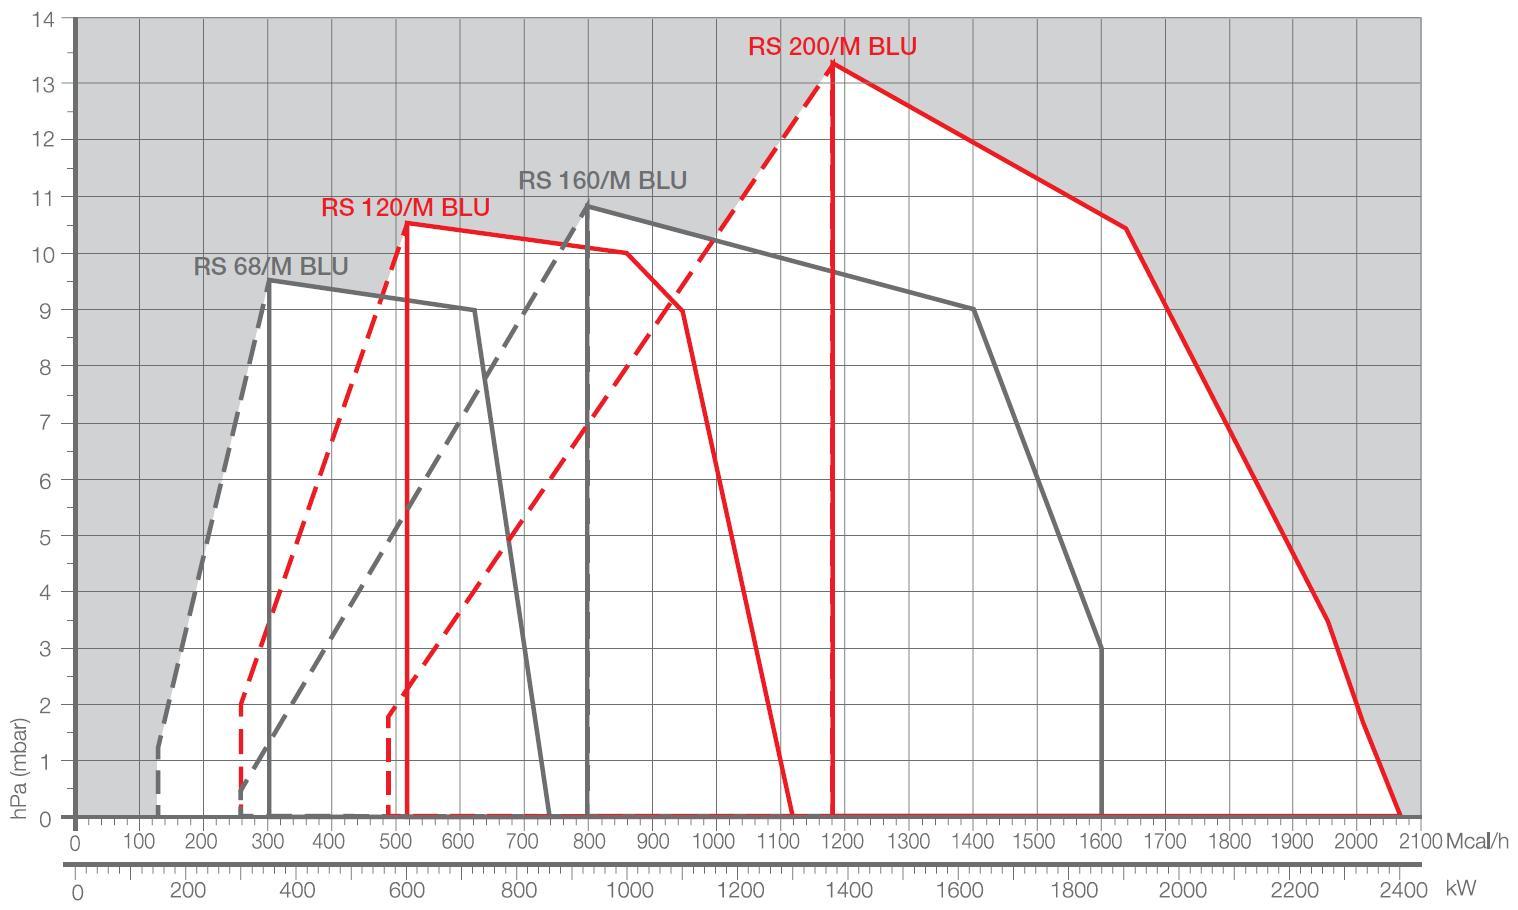 Riello-diag-RS68M-120M-160M-200M-BLU